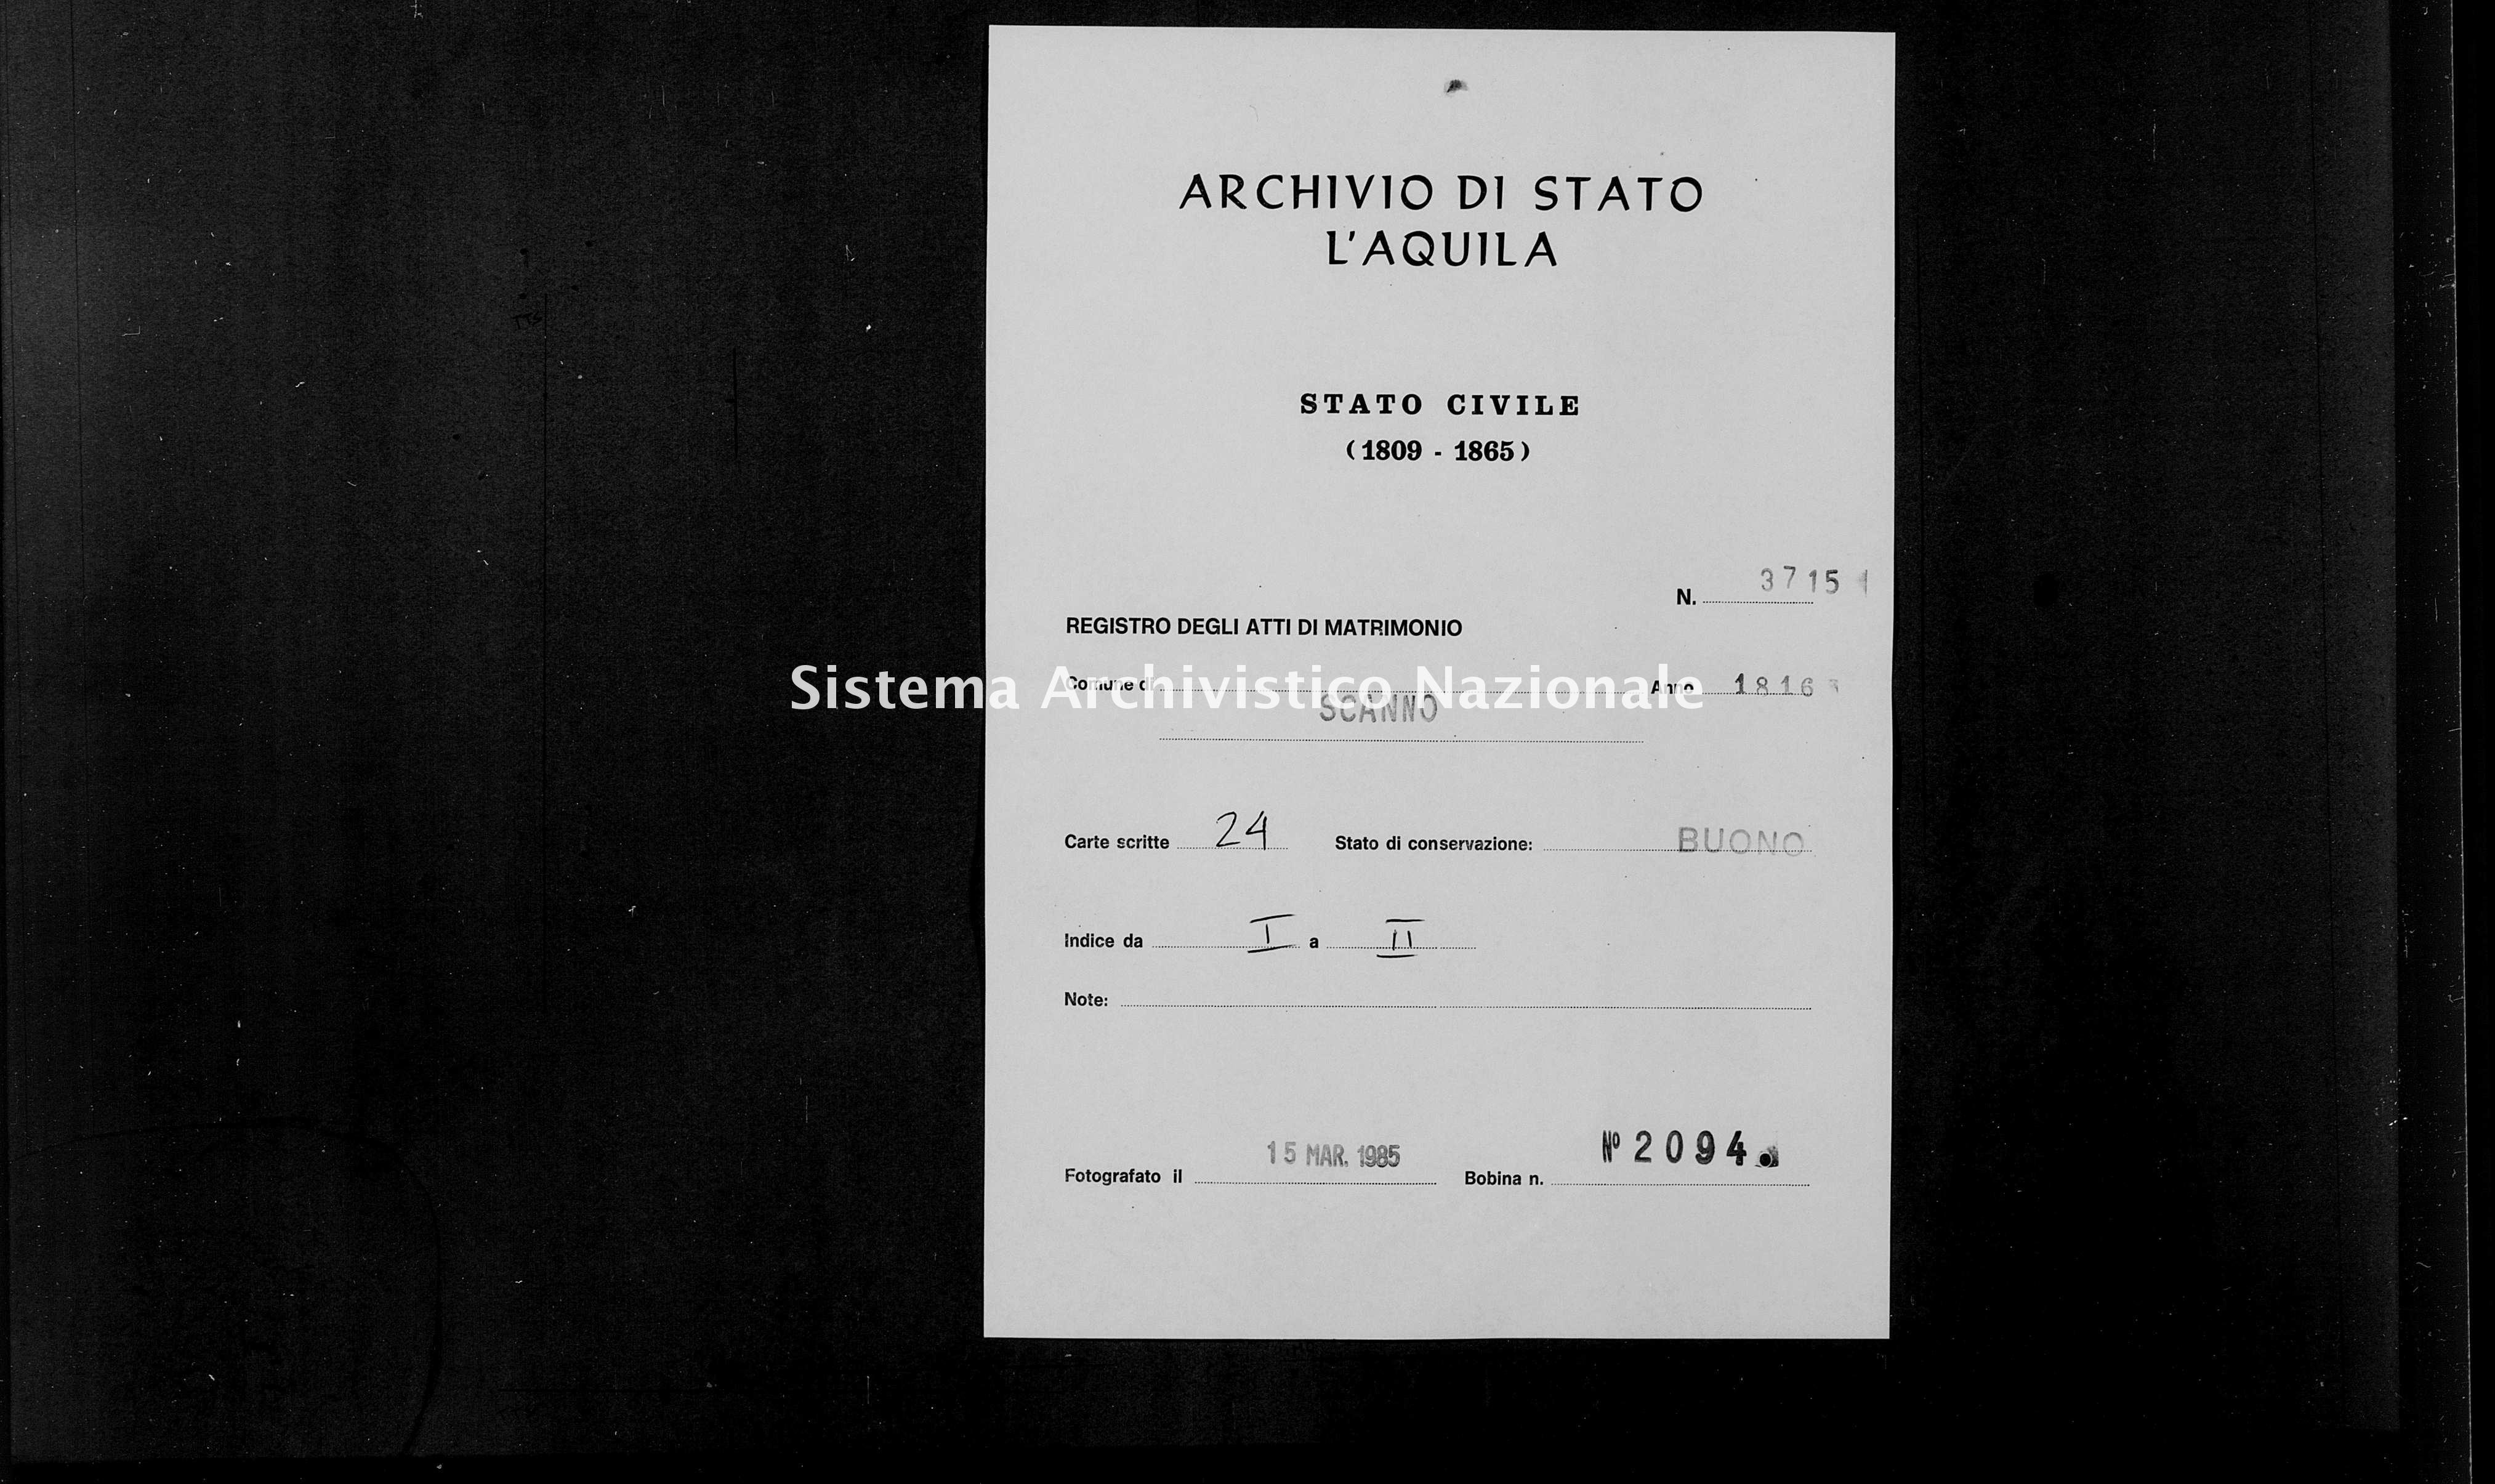 Archivio di stato di L'aquila - Stato civile della restaurazione - Scanno - Matrimoni - 1816 - 3715 -